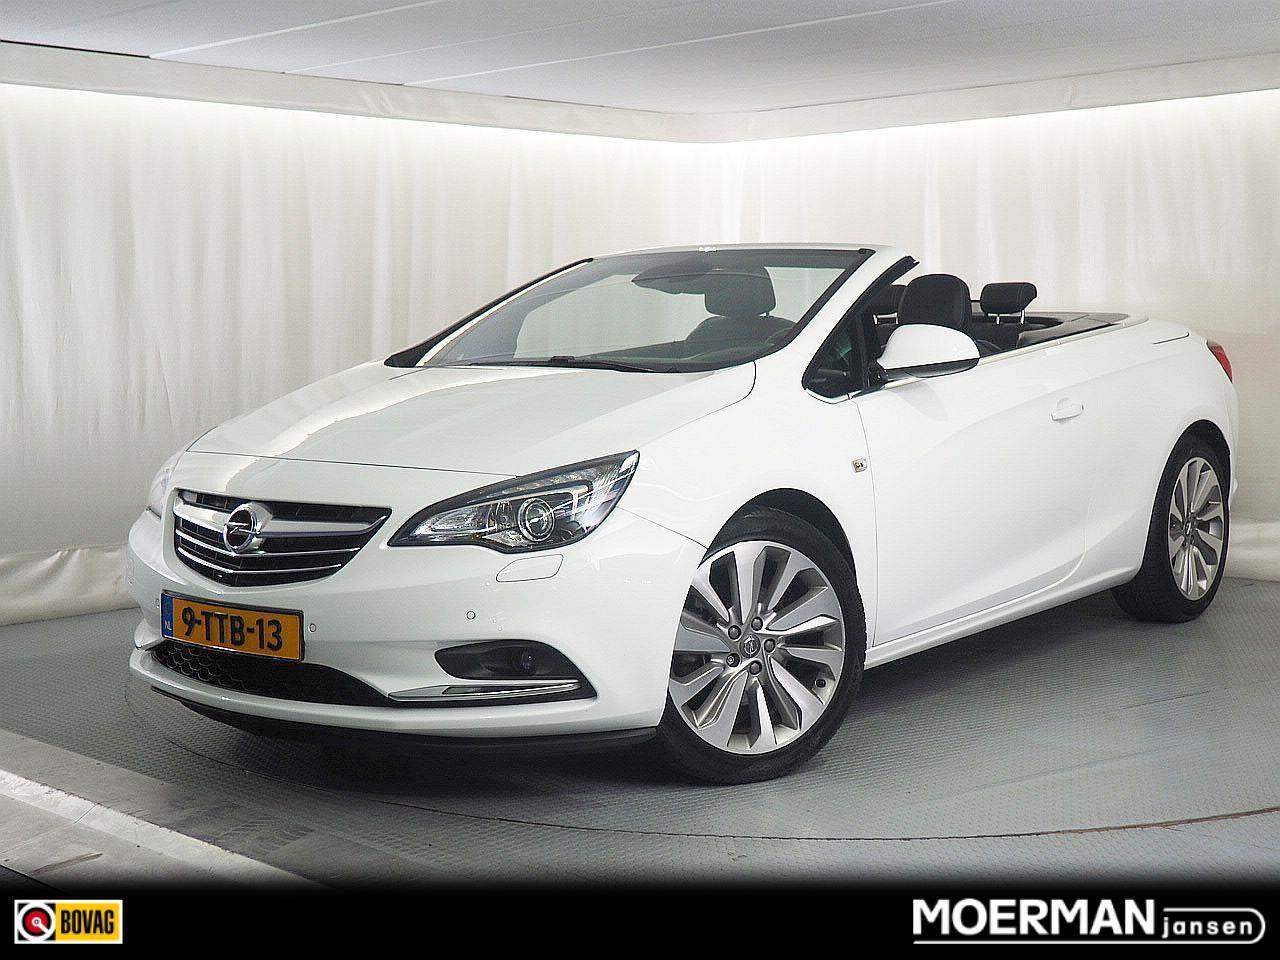 Opel Cascada 1.4 turbo cosmo / leder / comfortstoelen / navigatie / electr. cabriodak / 1e eigenaar / dealer onderhouden